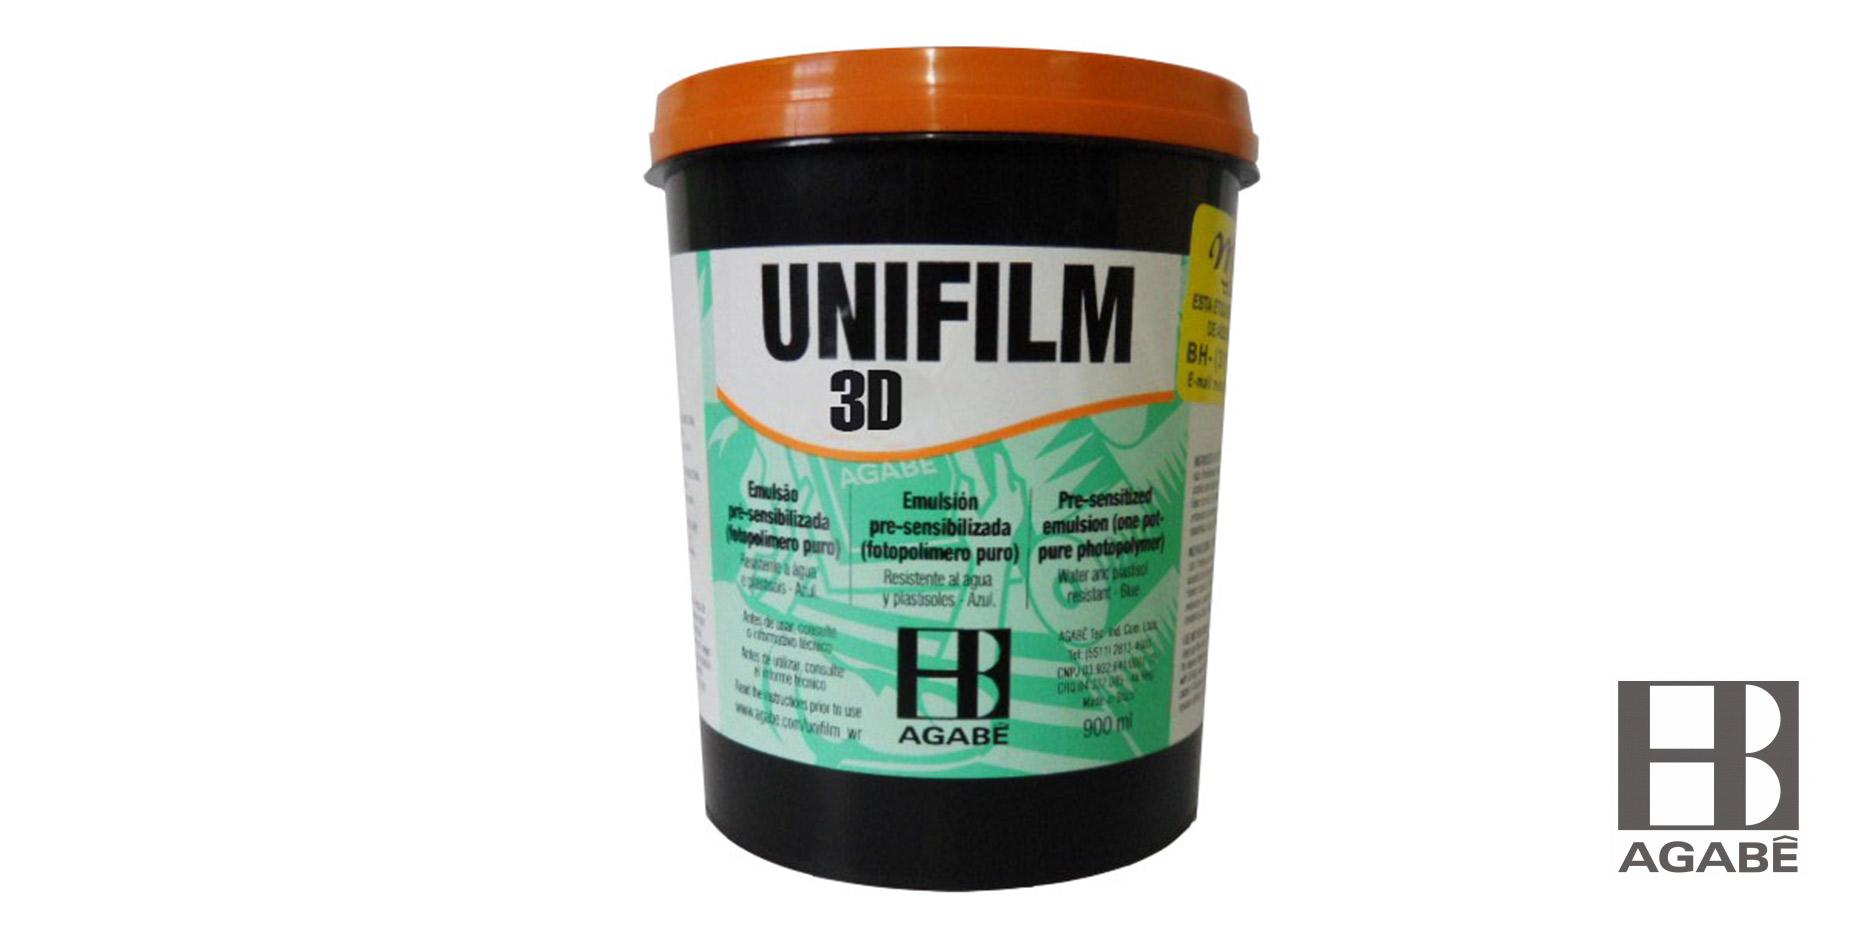 Unifilm 3D